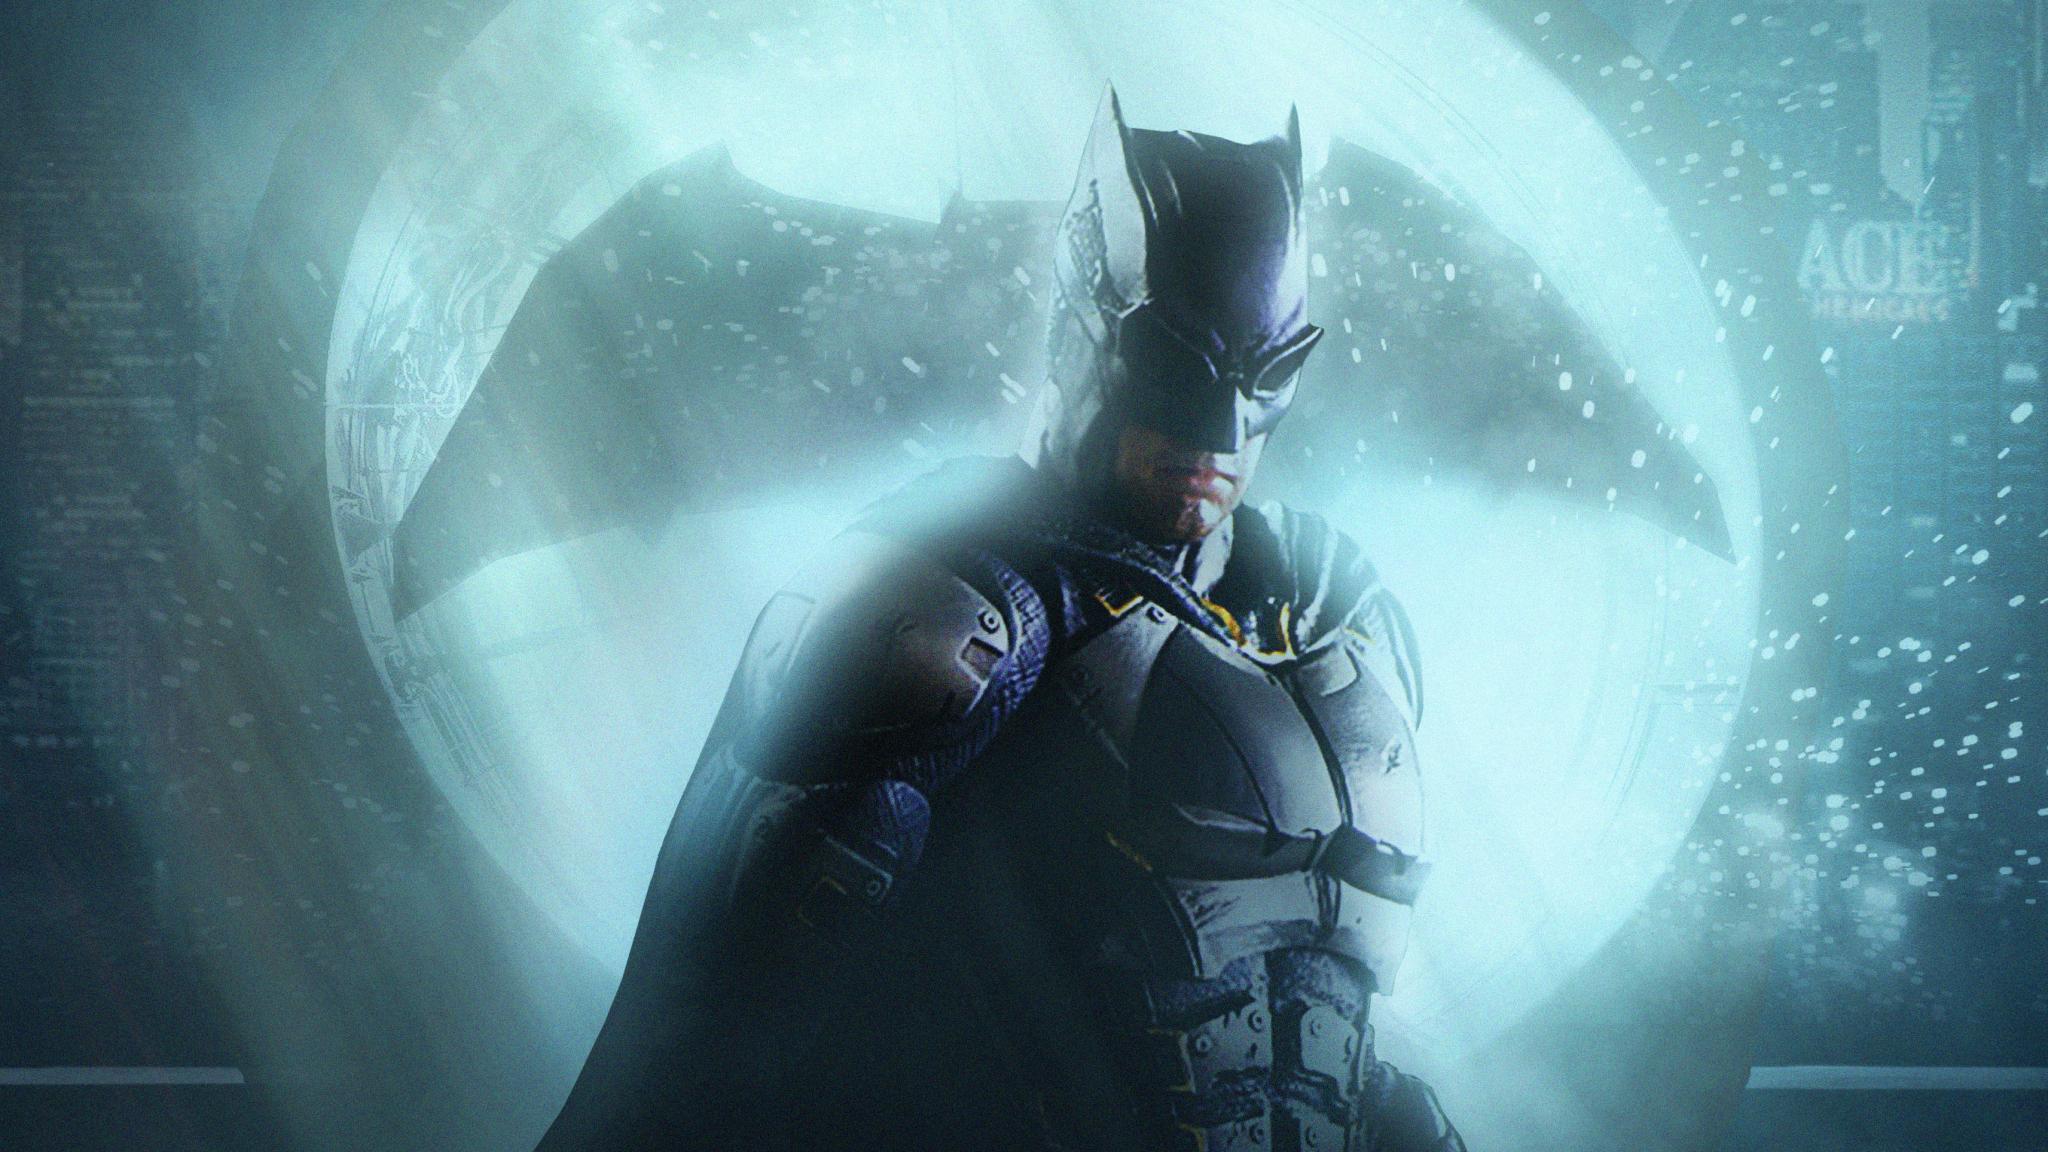 2048x1152 Batman Justice League Dark Knight Art 2048x1152